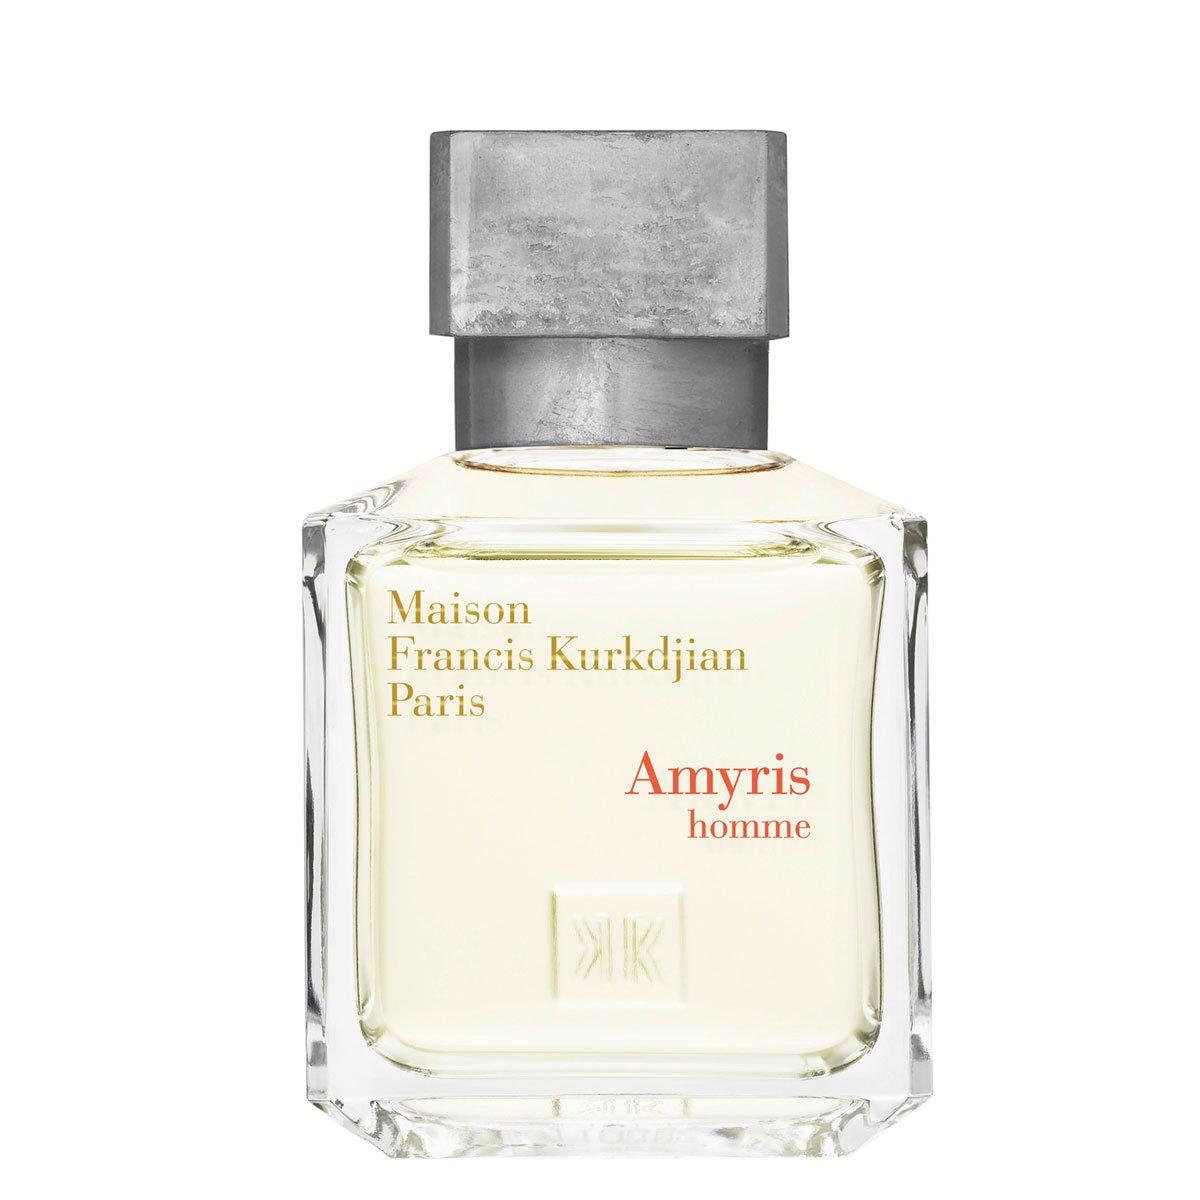 Maison Francis Kurkdjian Amyris Pour Homme Eau de Toilette-2.4 oz. by Maison Francis Kurkdjian (Image #1)